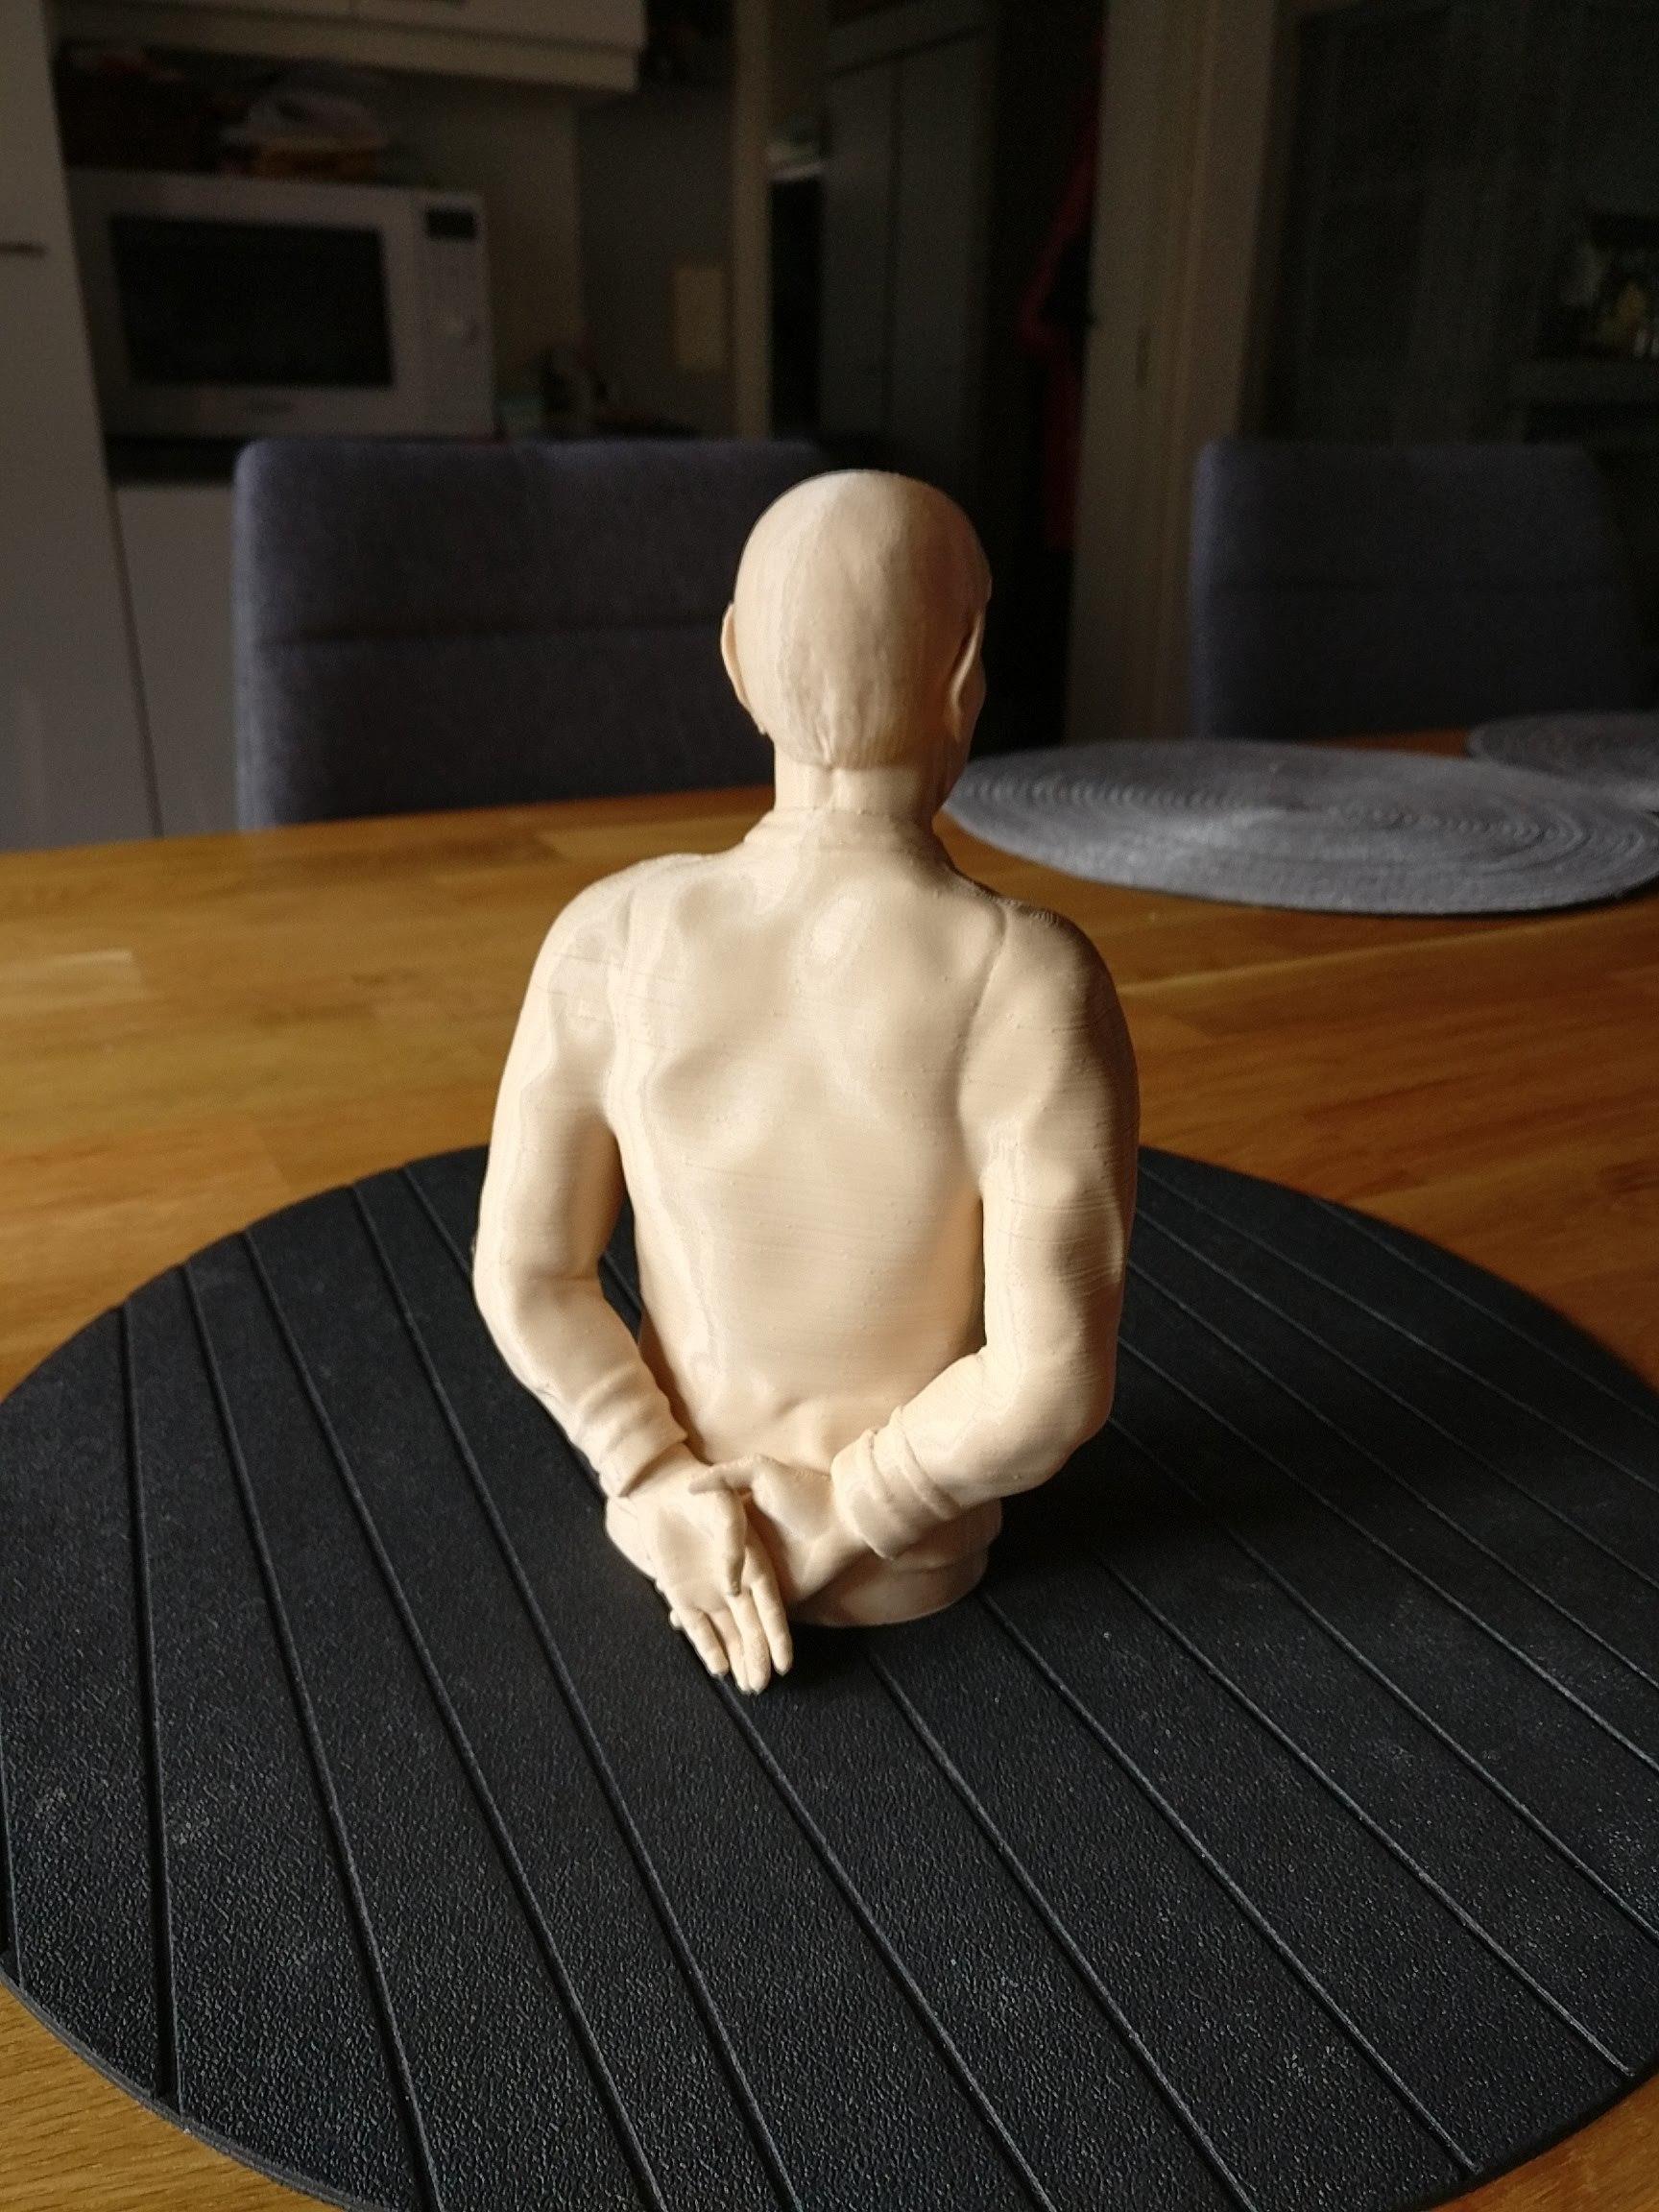 Sandpiper_Spock_print1.jpg Download STL file Star Trek Mr. Spock figurine and bust UPDATED • 3D printable object, sandpiper